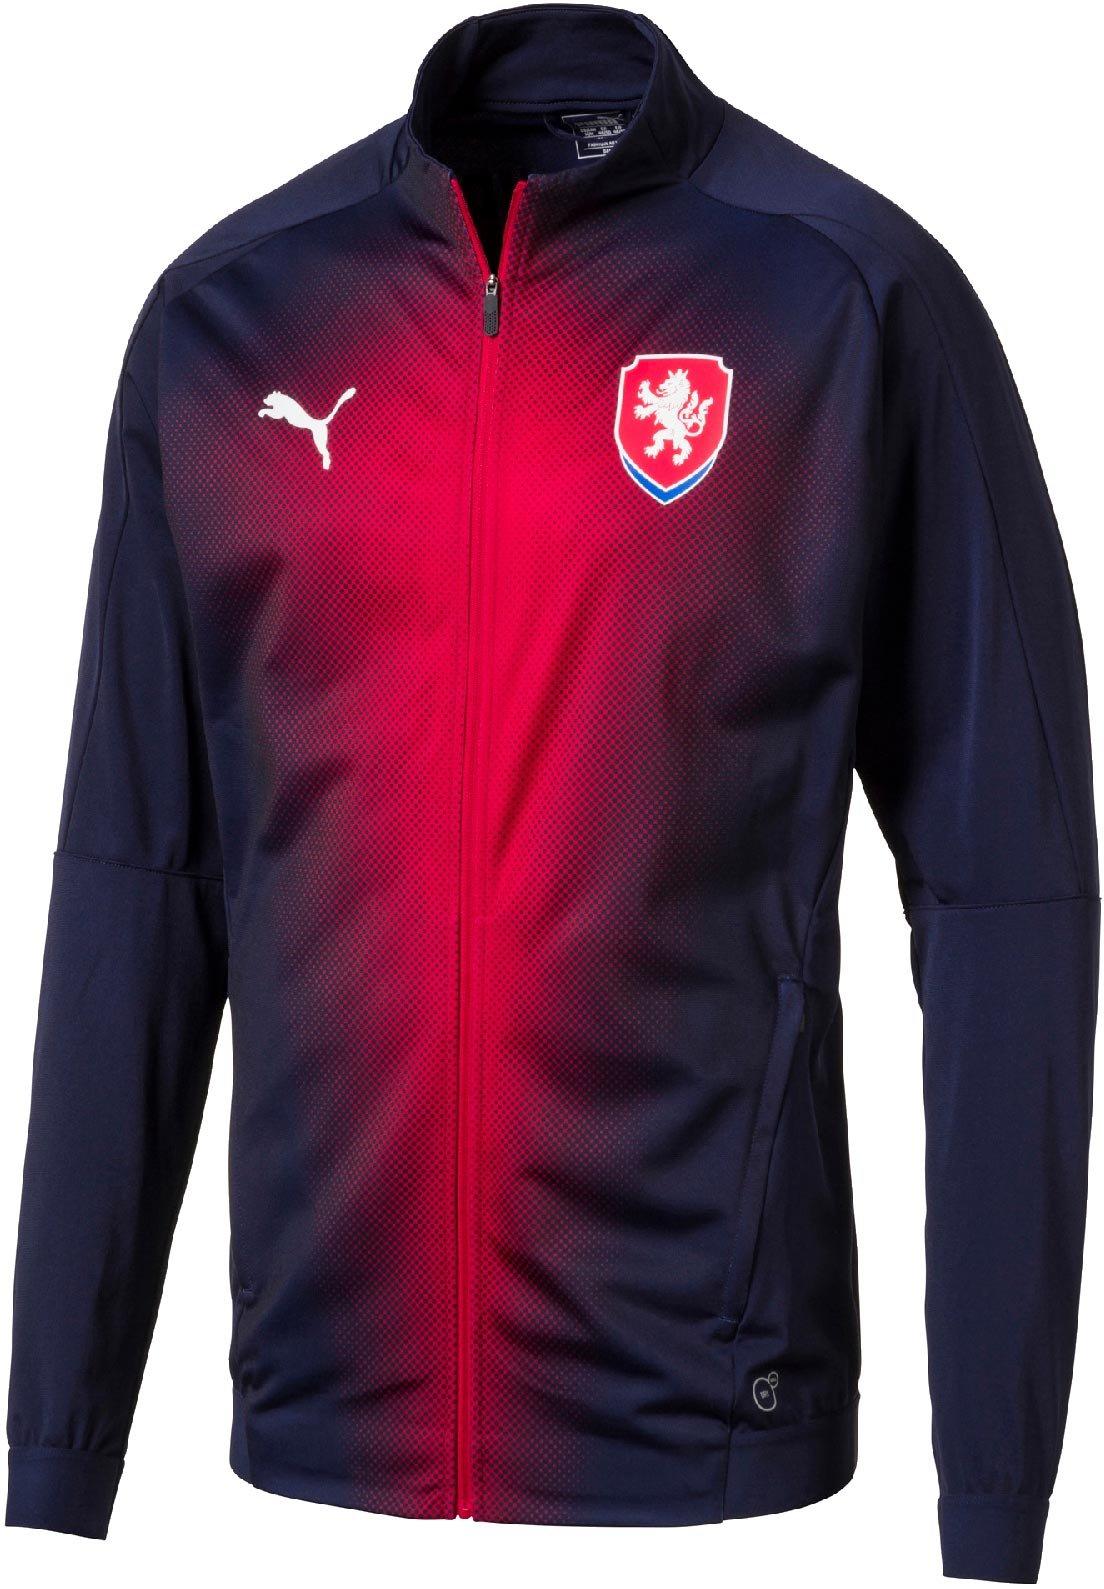 Puma SLOVAKIA Stadium Jacket XS